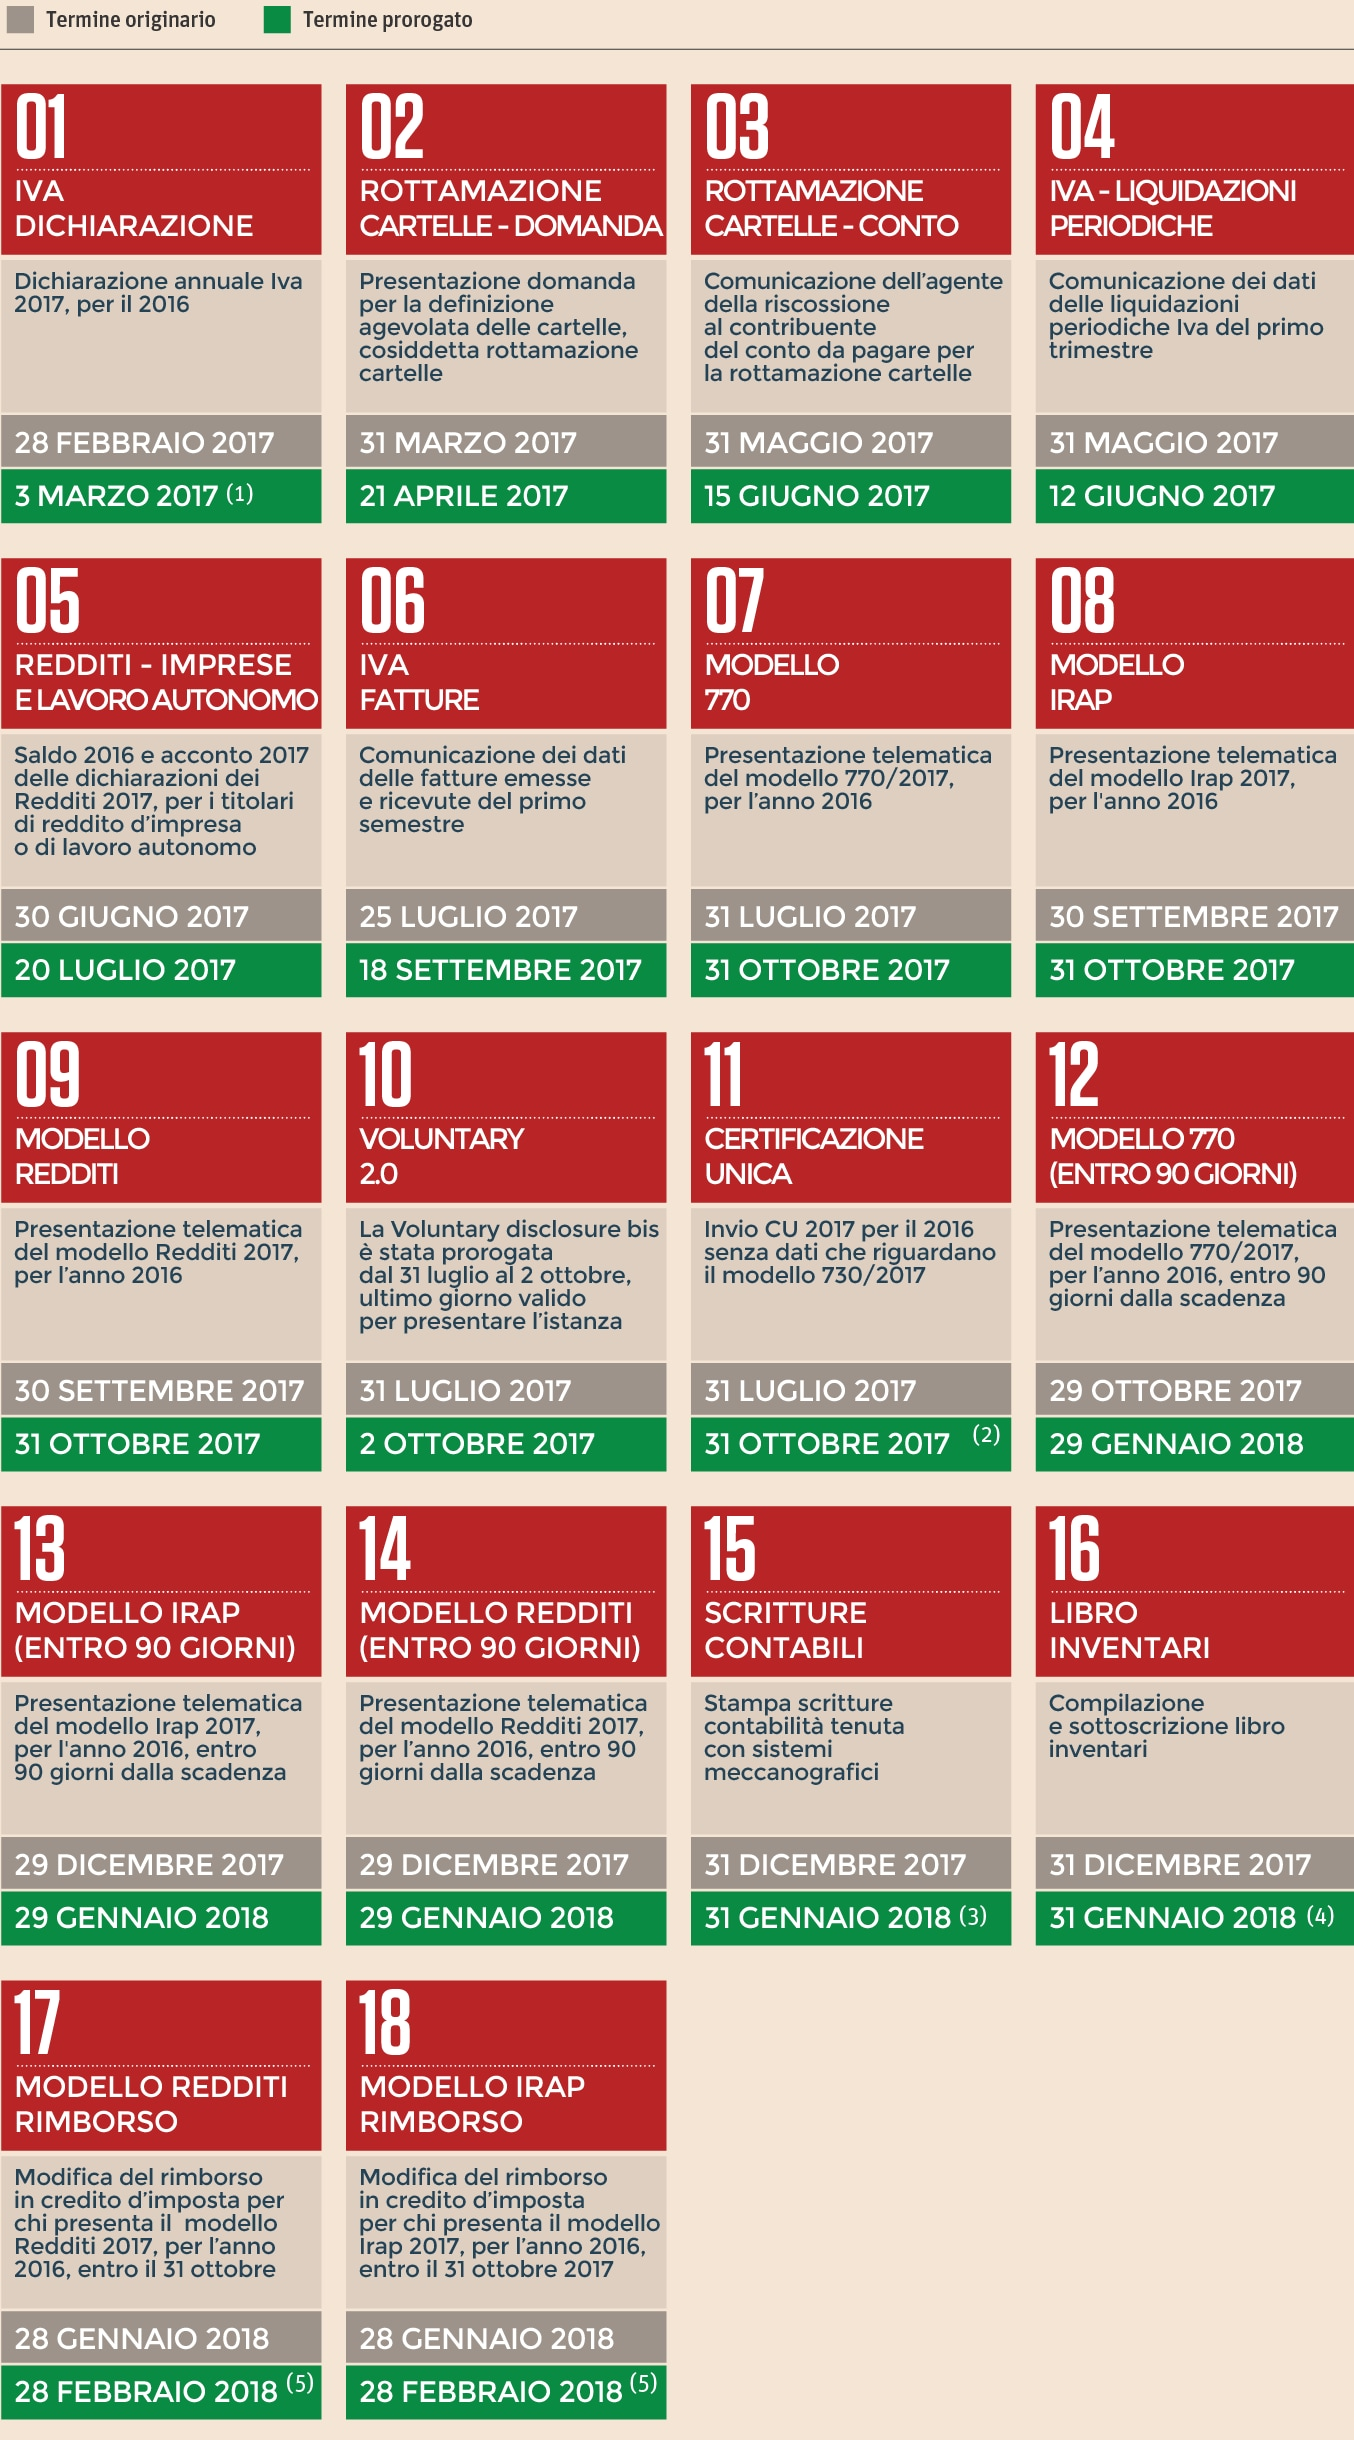 Calendario Fiscale.Il Fisco Dei Rinvii Due Proroghe Al Mese Ecco Come Cambia